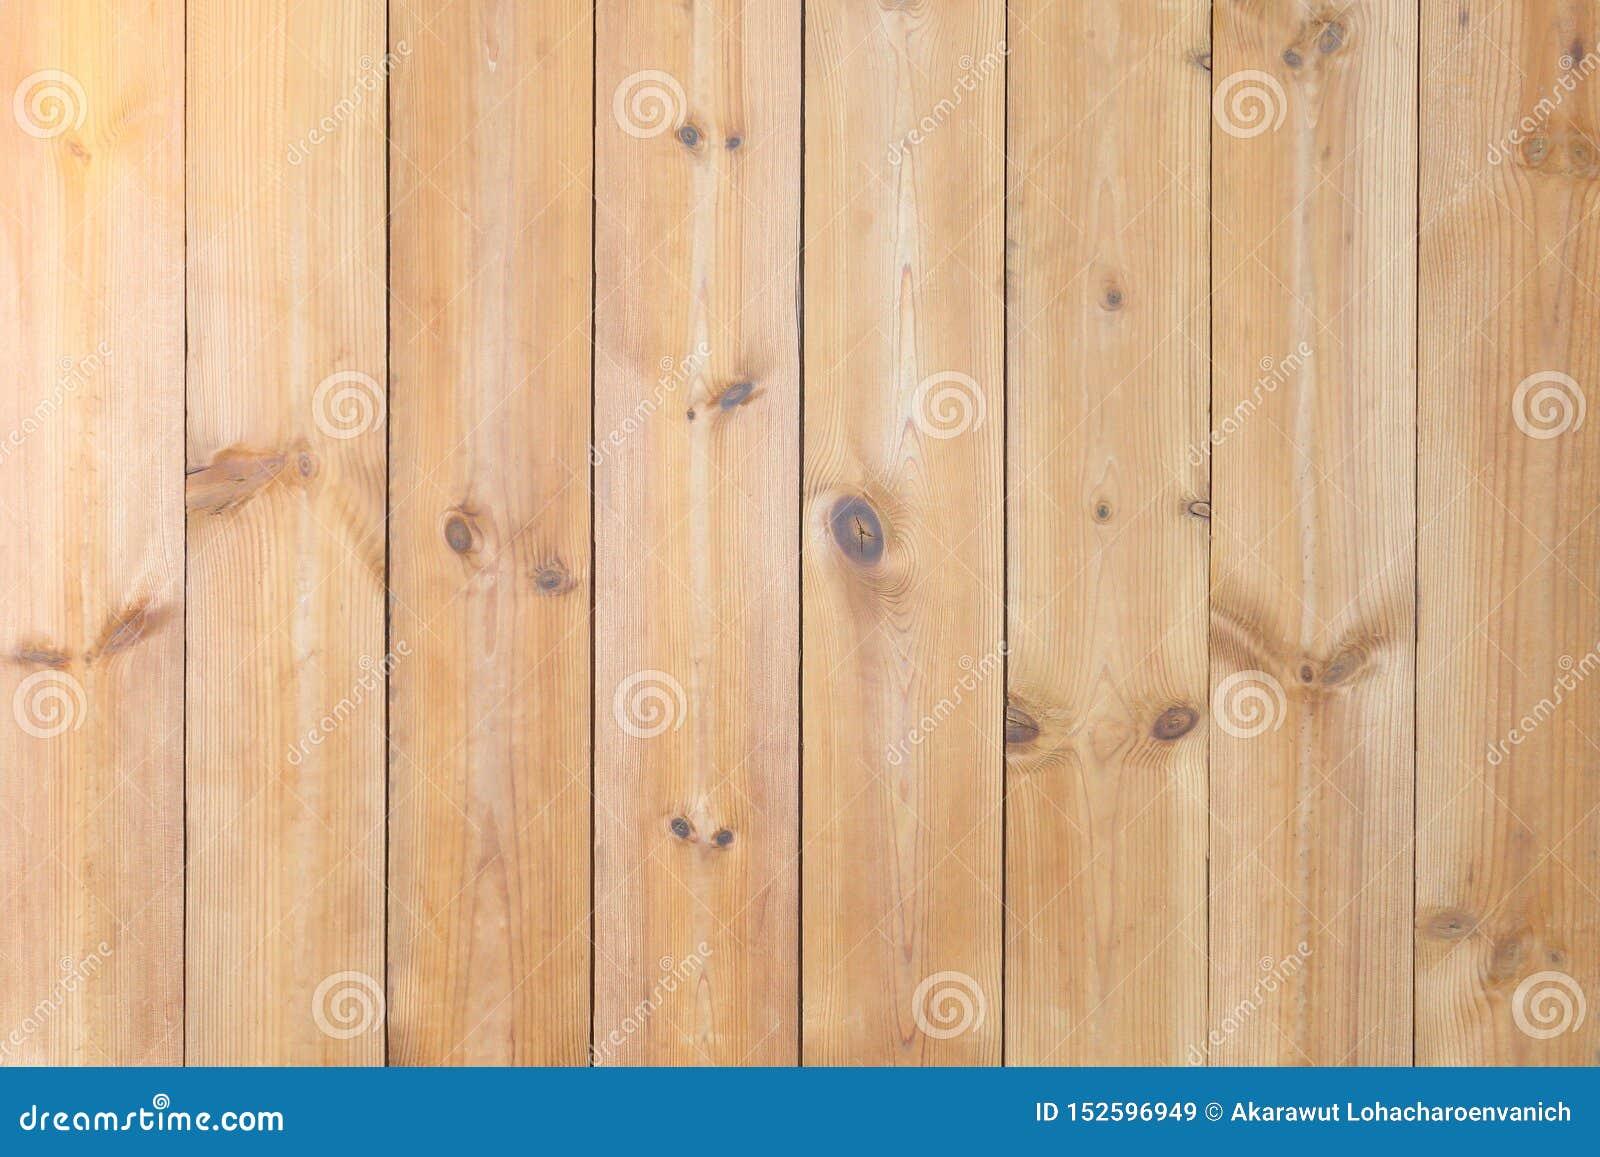 Lantligt trä som textureras med urblekt naturlig målarfärg för retro och tappningbakgrundsdesign